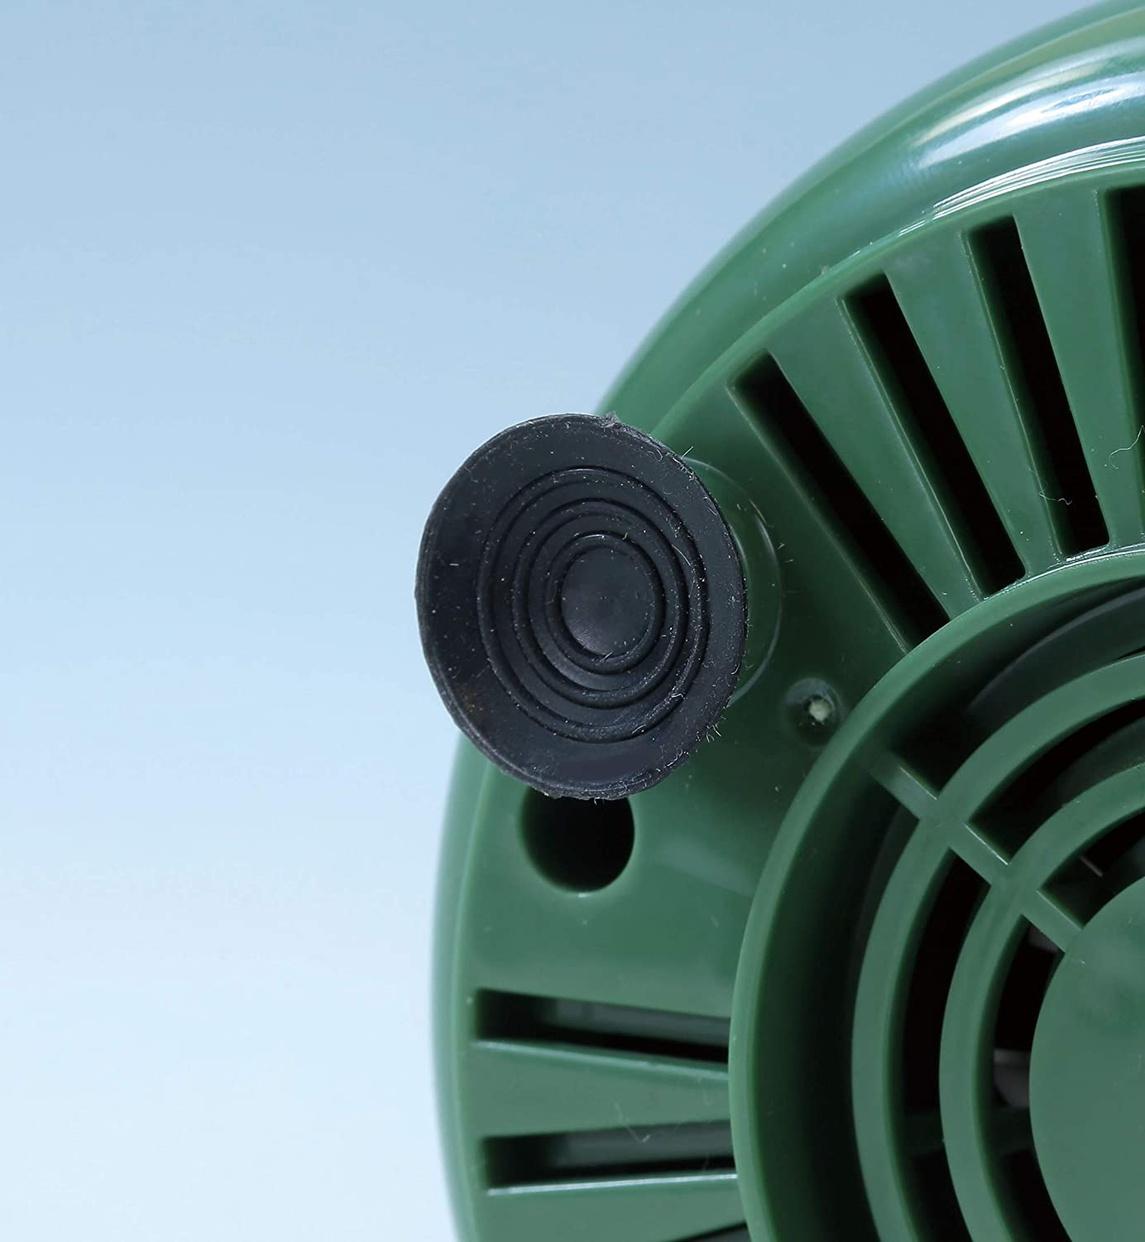 MARIN(マリン) 電動お茶挽き器 Ki-80524の商品画像6